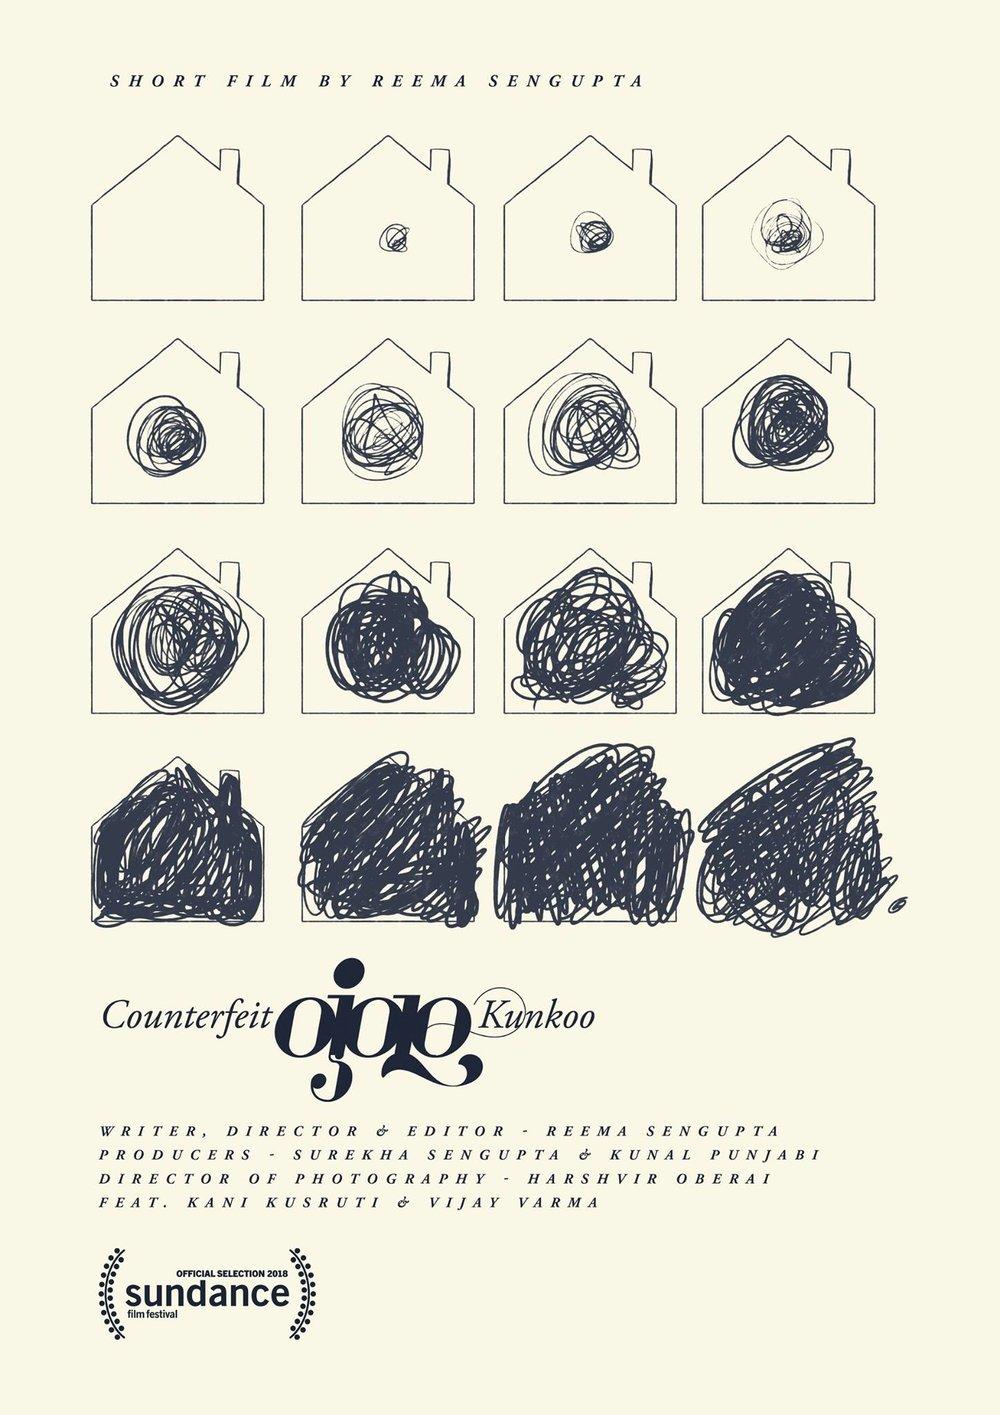 counterfeit_kunkoo.jpg